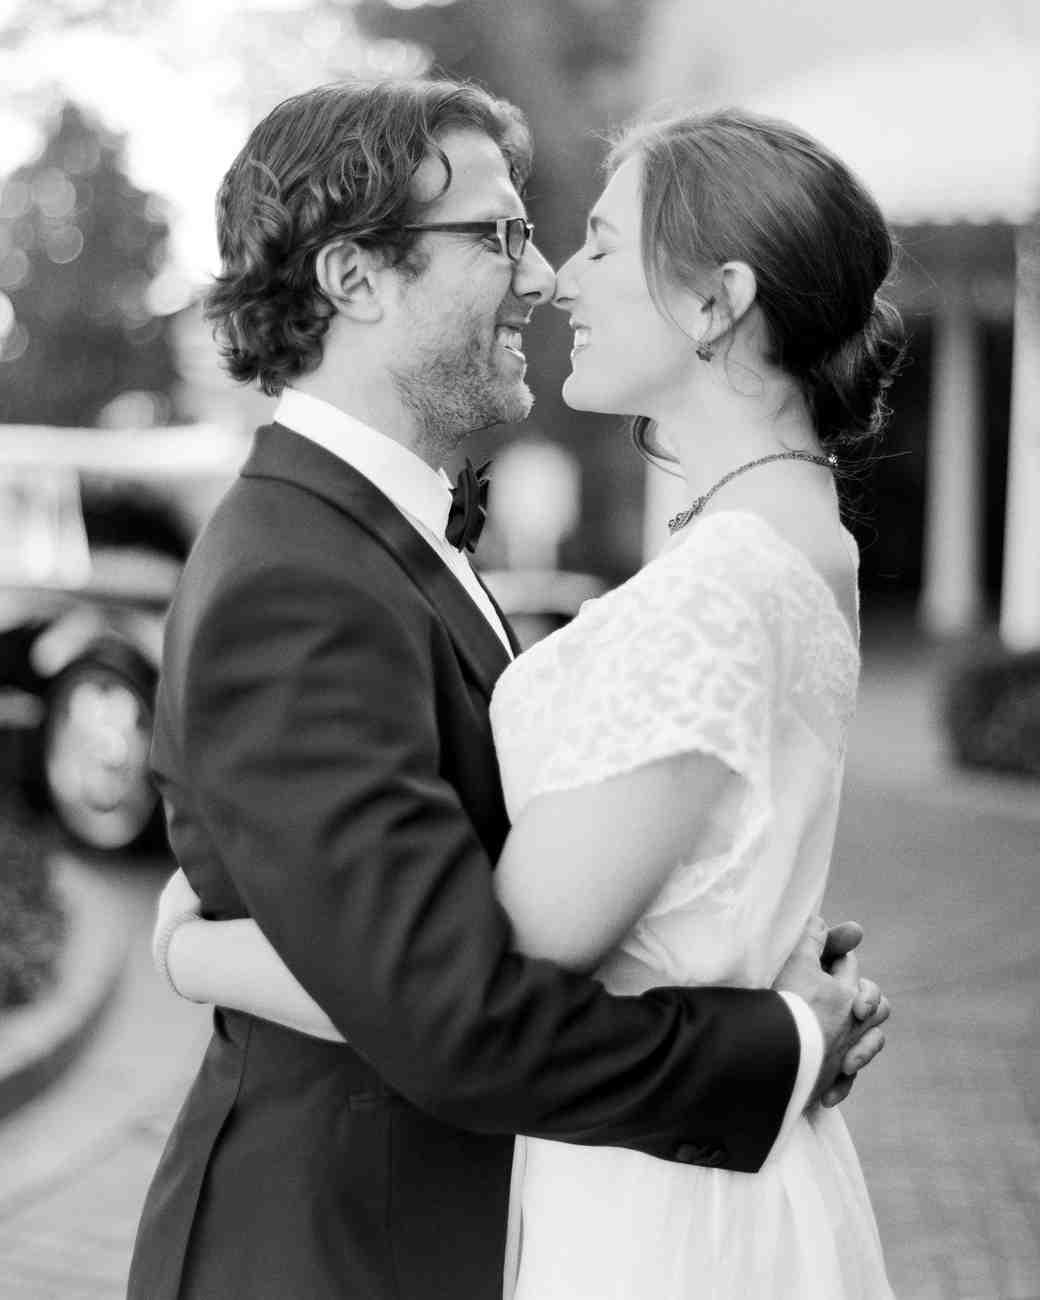 sophie-dan-couple-03140012-wd109864.jpg